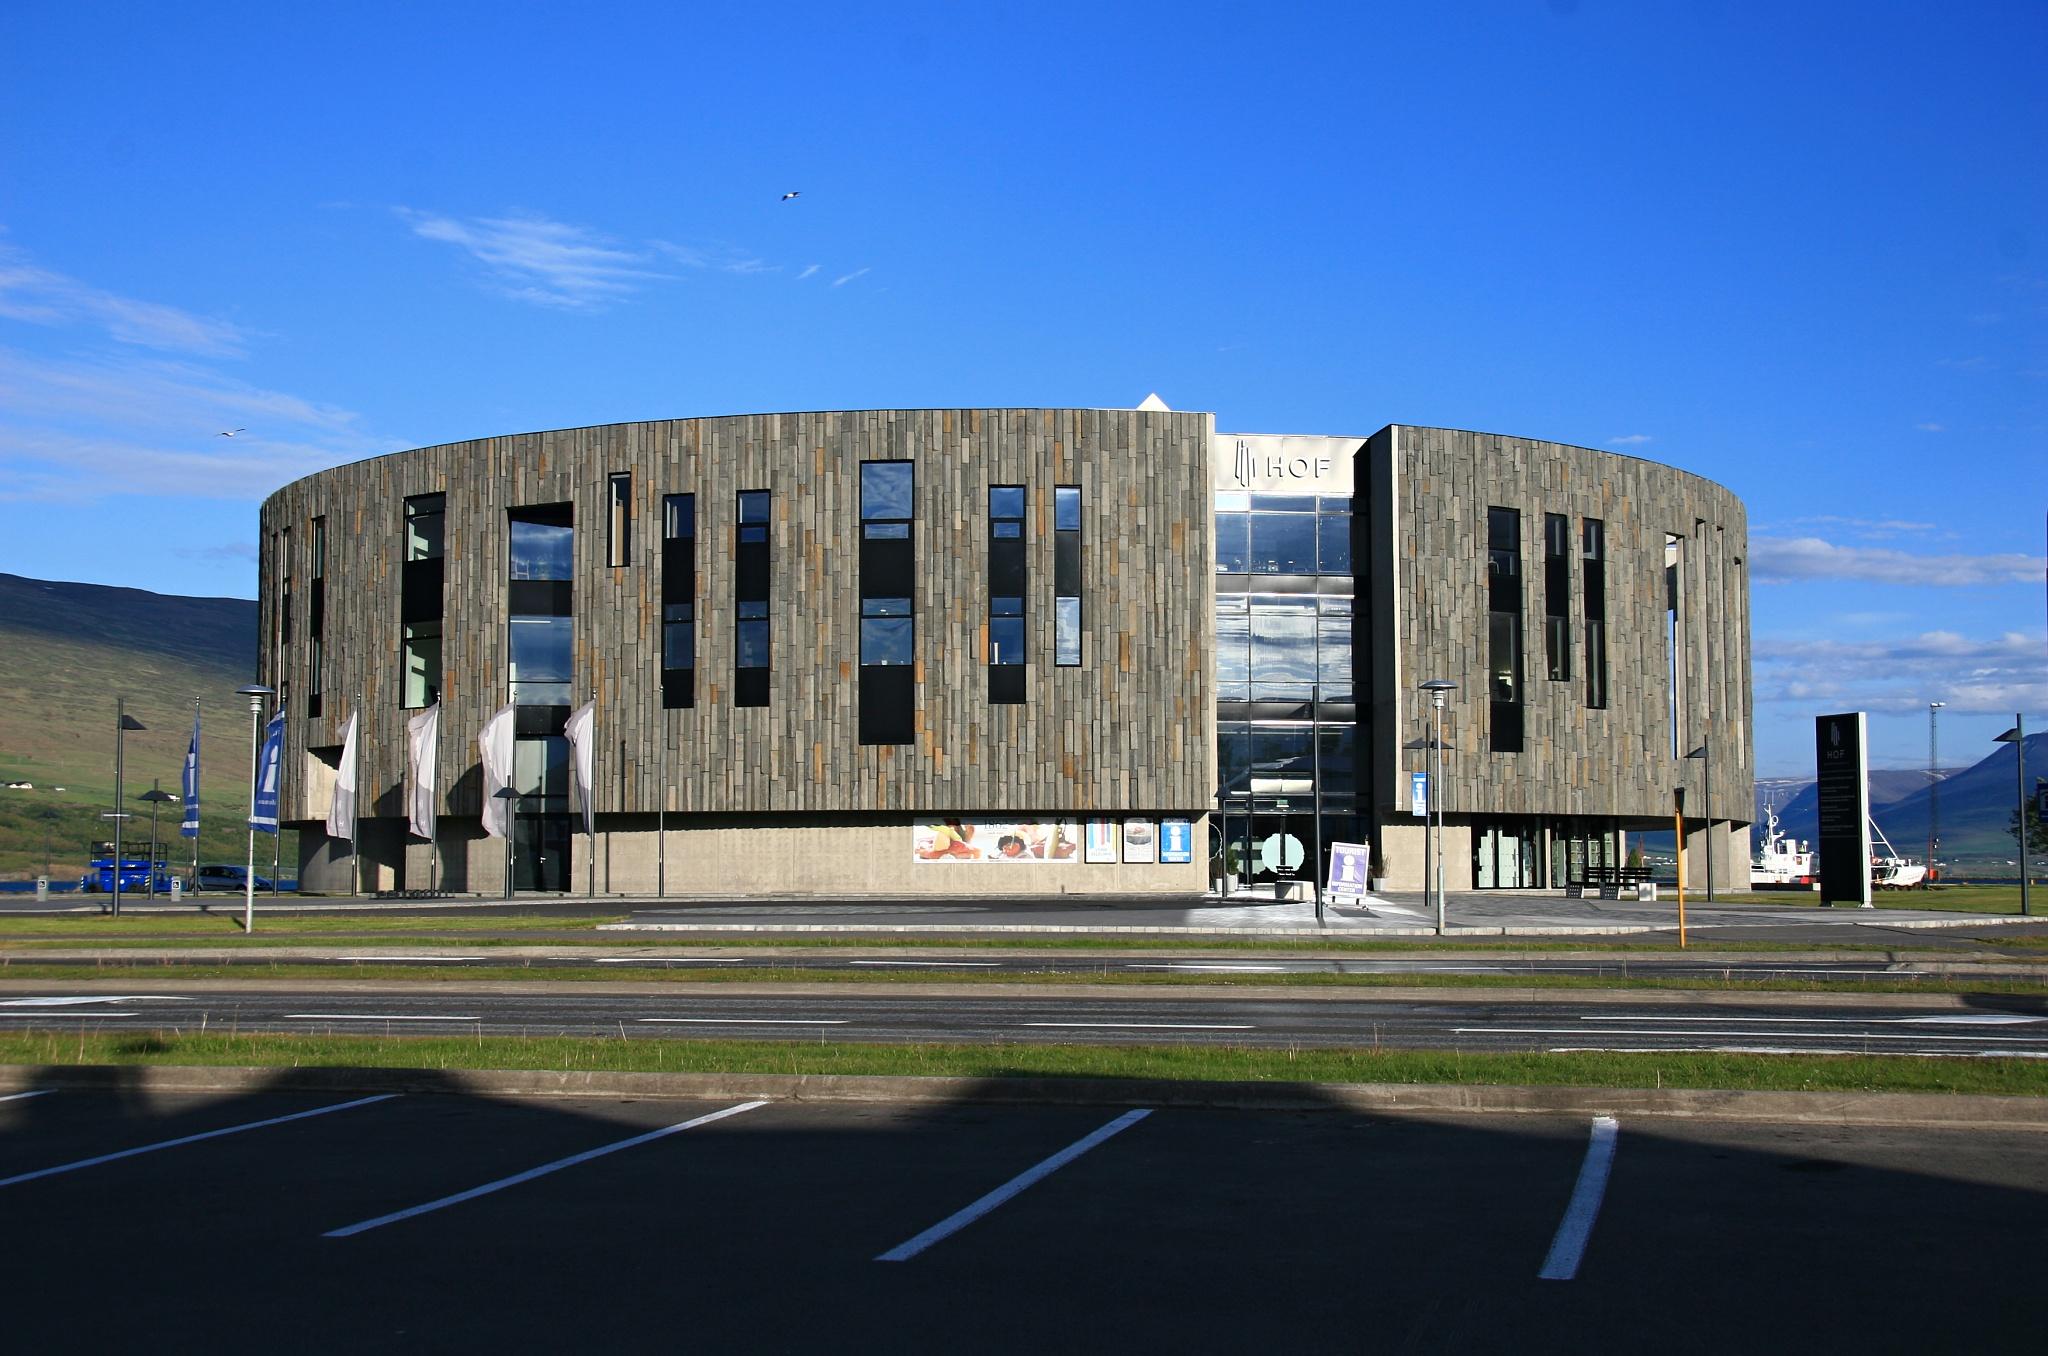 Kulturní centrum Hof